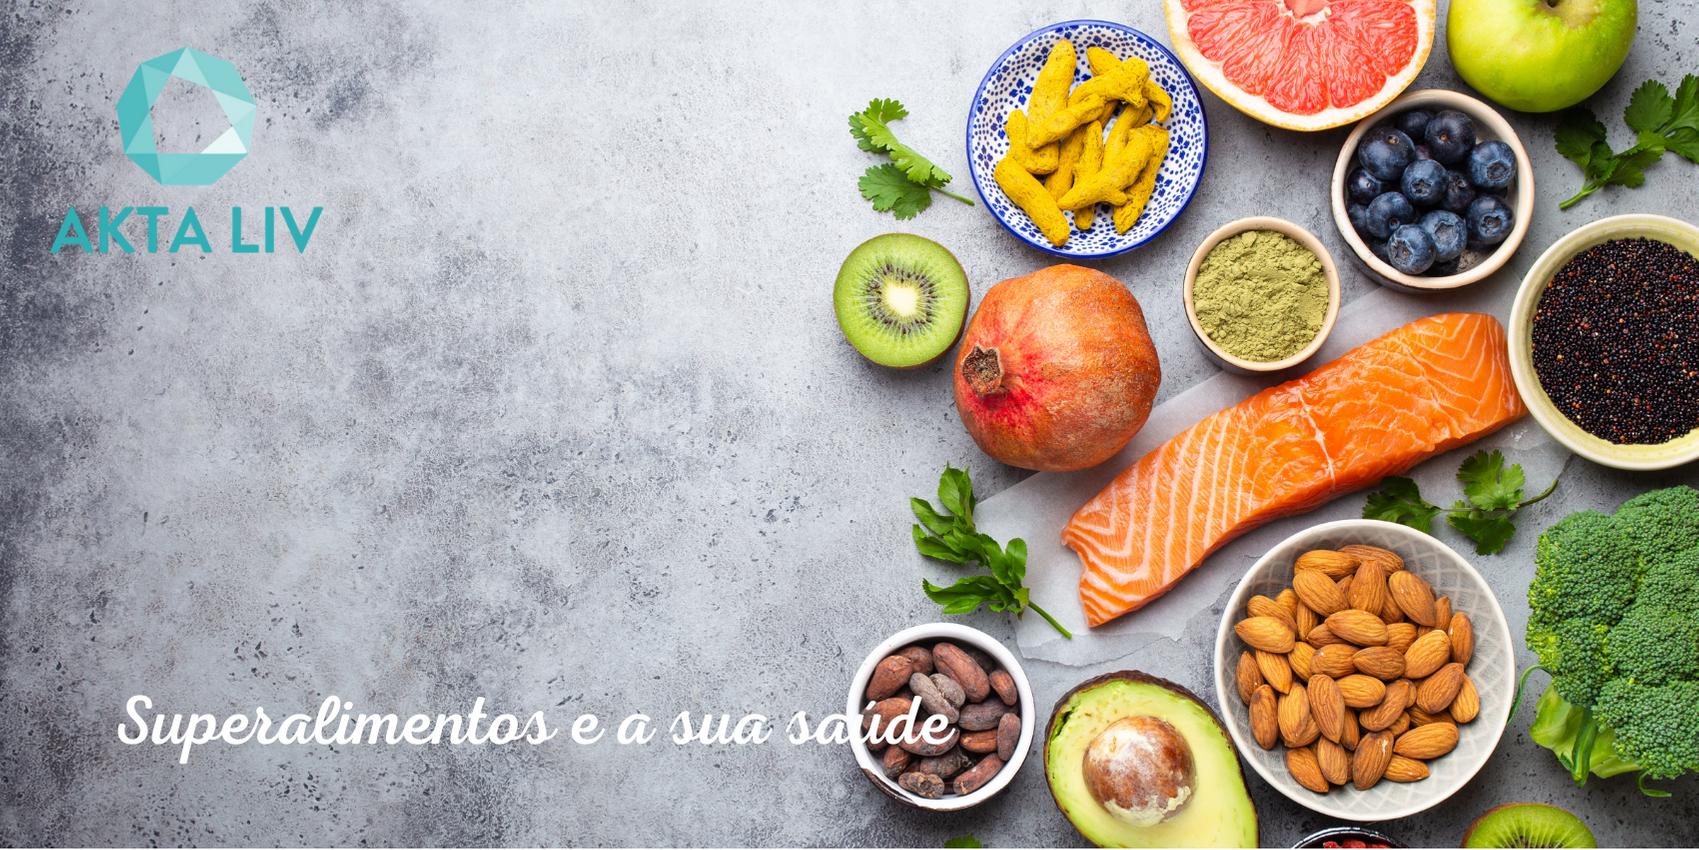 AKTA-Liv-Nutrição-Superalimentos-Blog